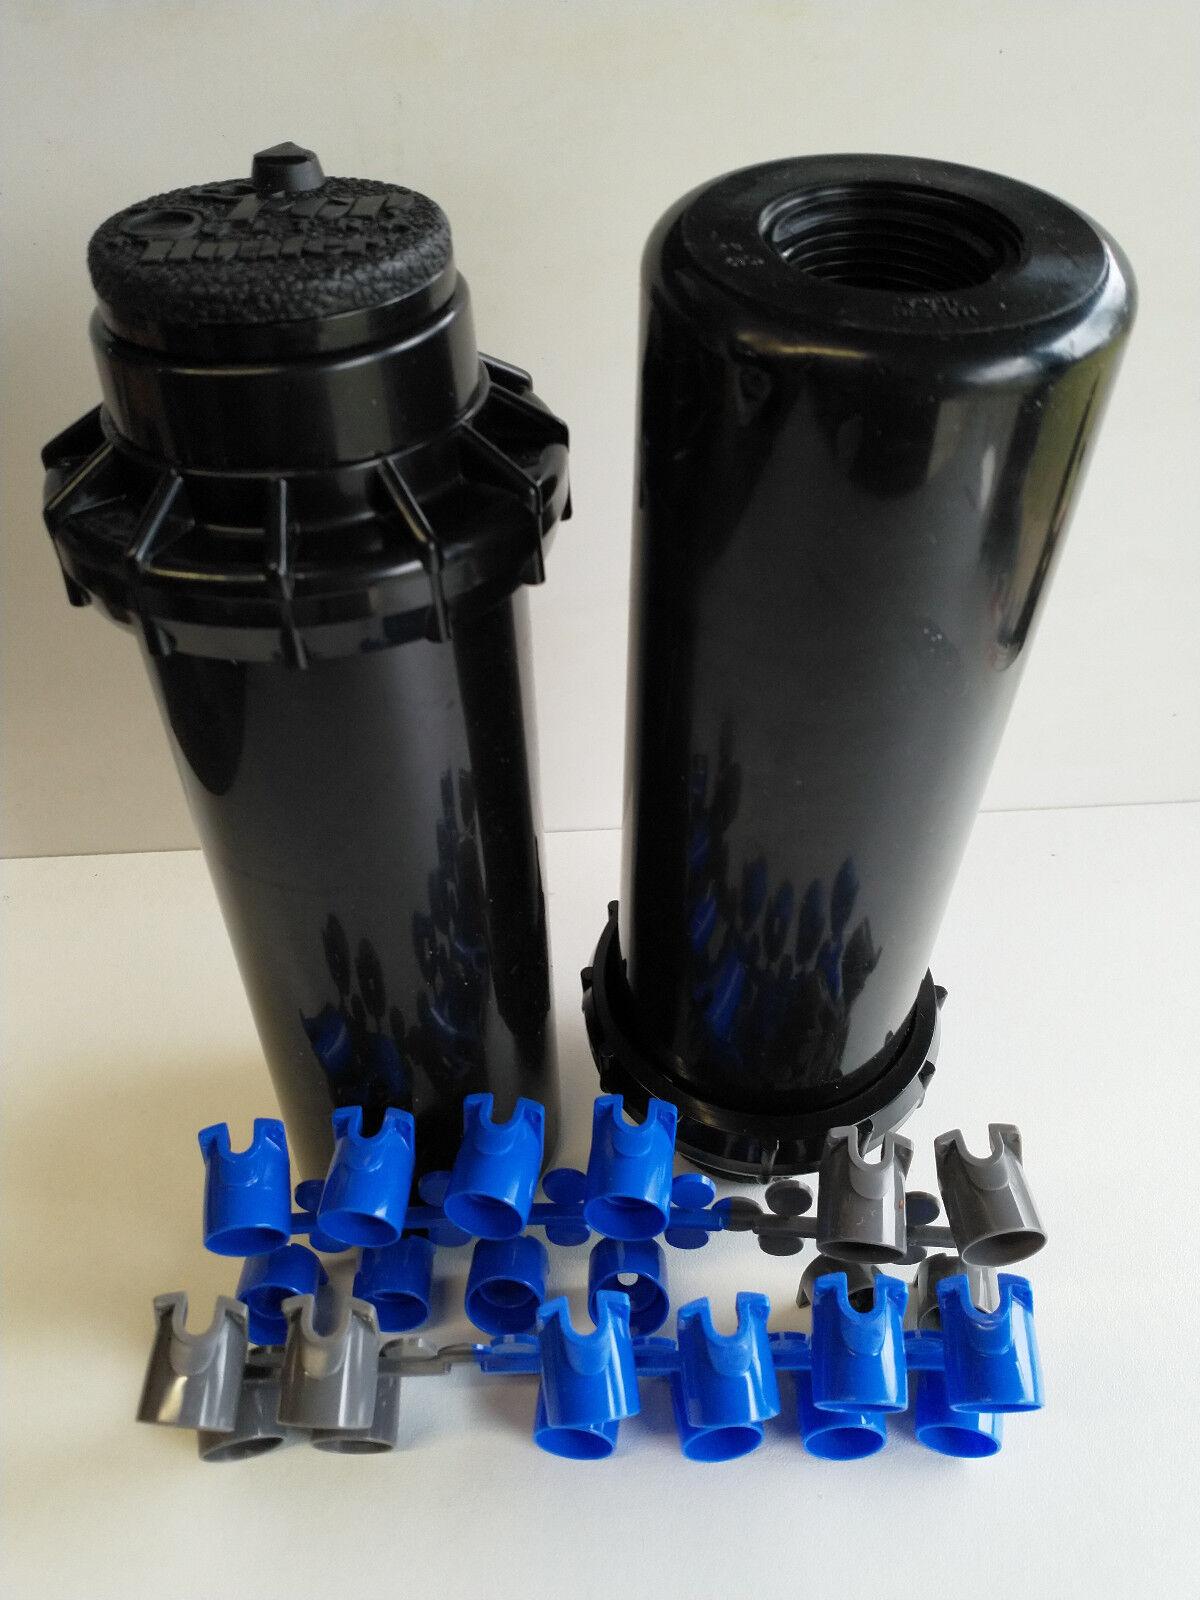 2 x Getrieberegner Versenkgetrieberegner 10cm Regner Sprenger Hunter PGP-04 3 4  | Roman  | Vorzügliche Verarbeitung  | Großer Verkauf